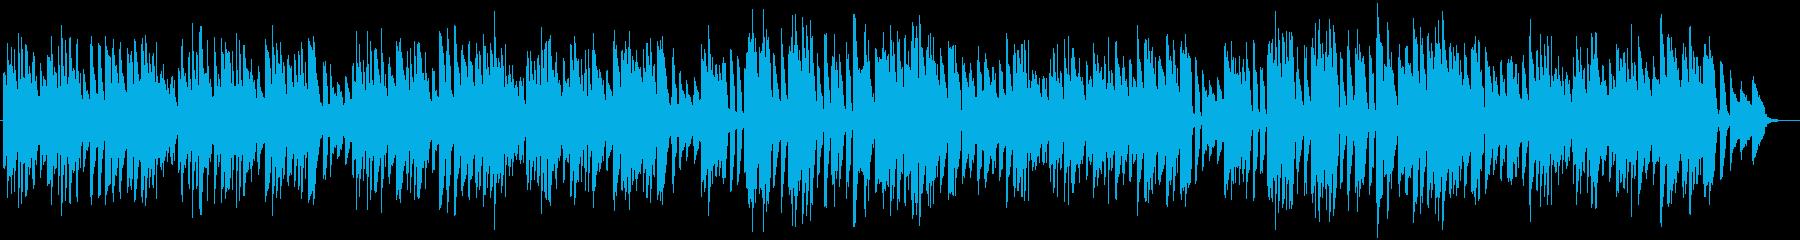 バッハ/メヌエット第2番をヴァイオリンでの再生済みの波形